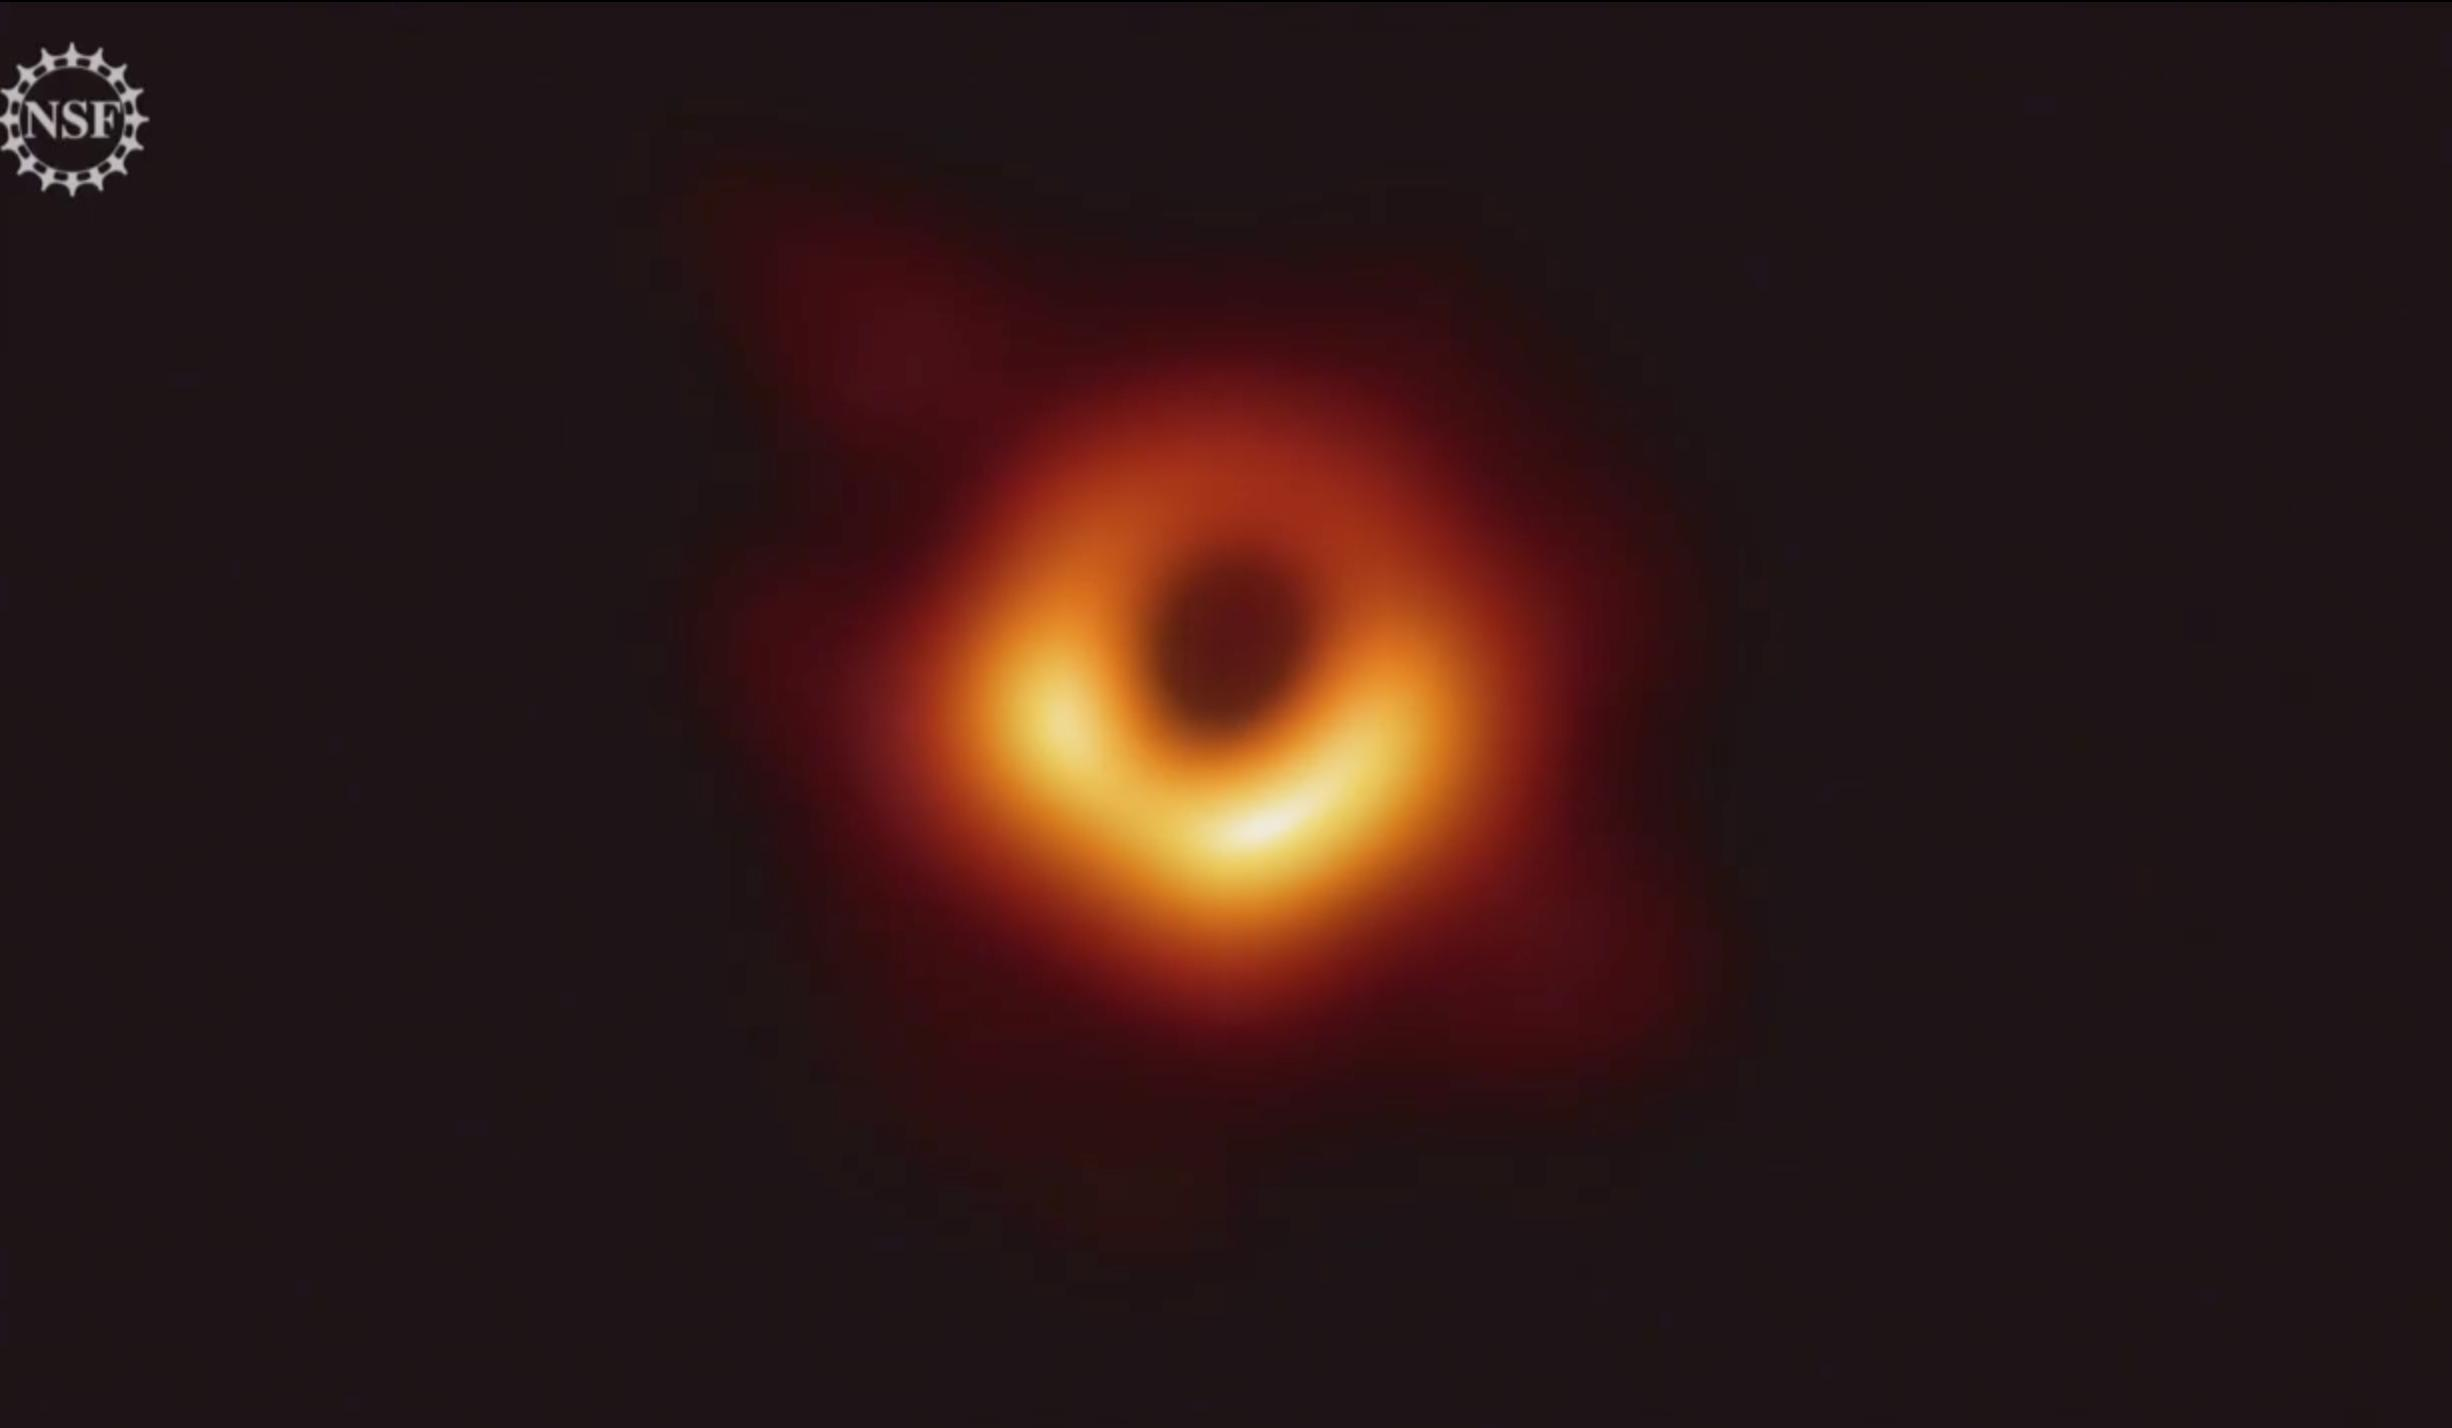 Сверхмассивная чёрная дыра галактики М87